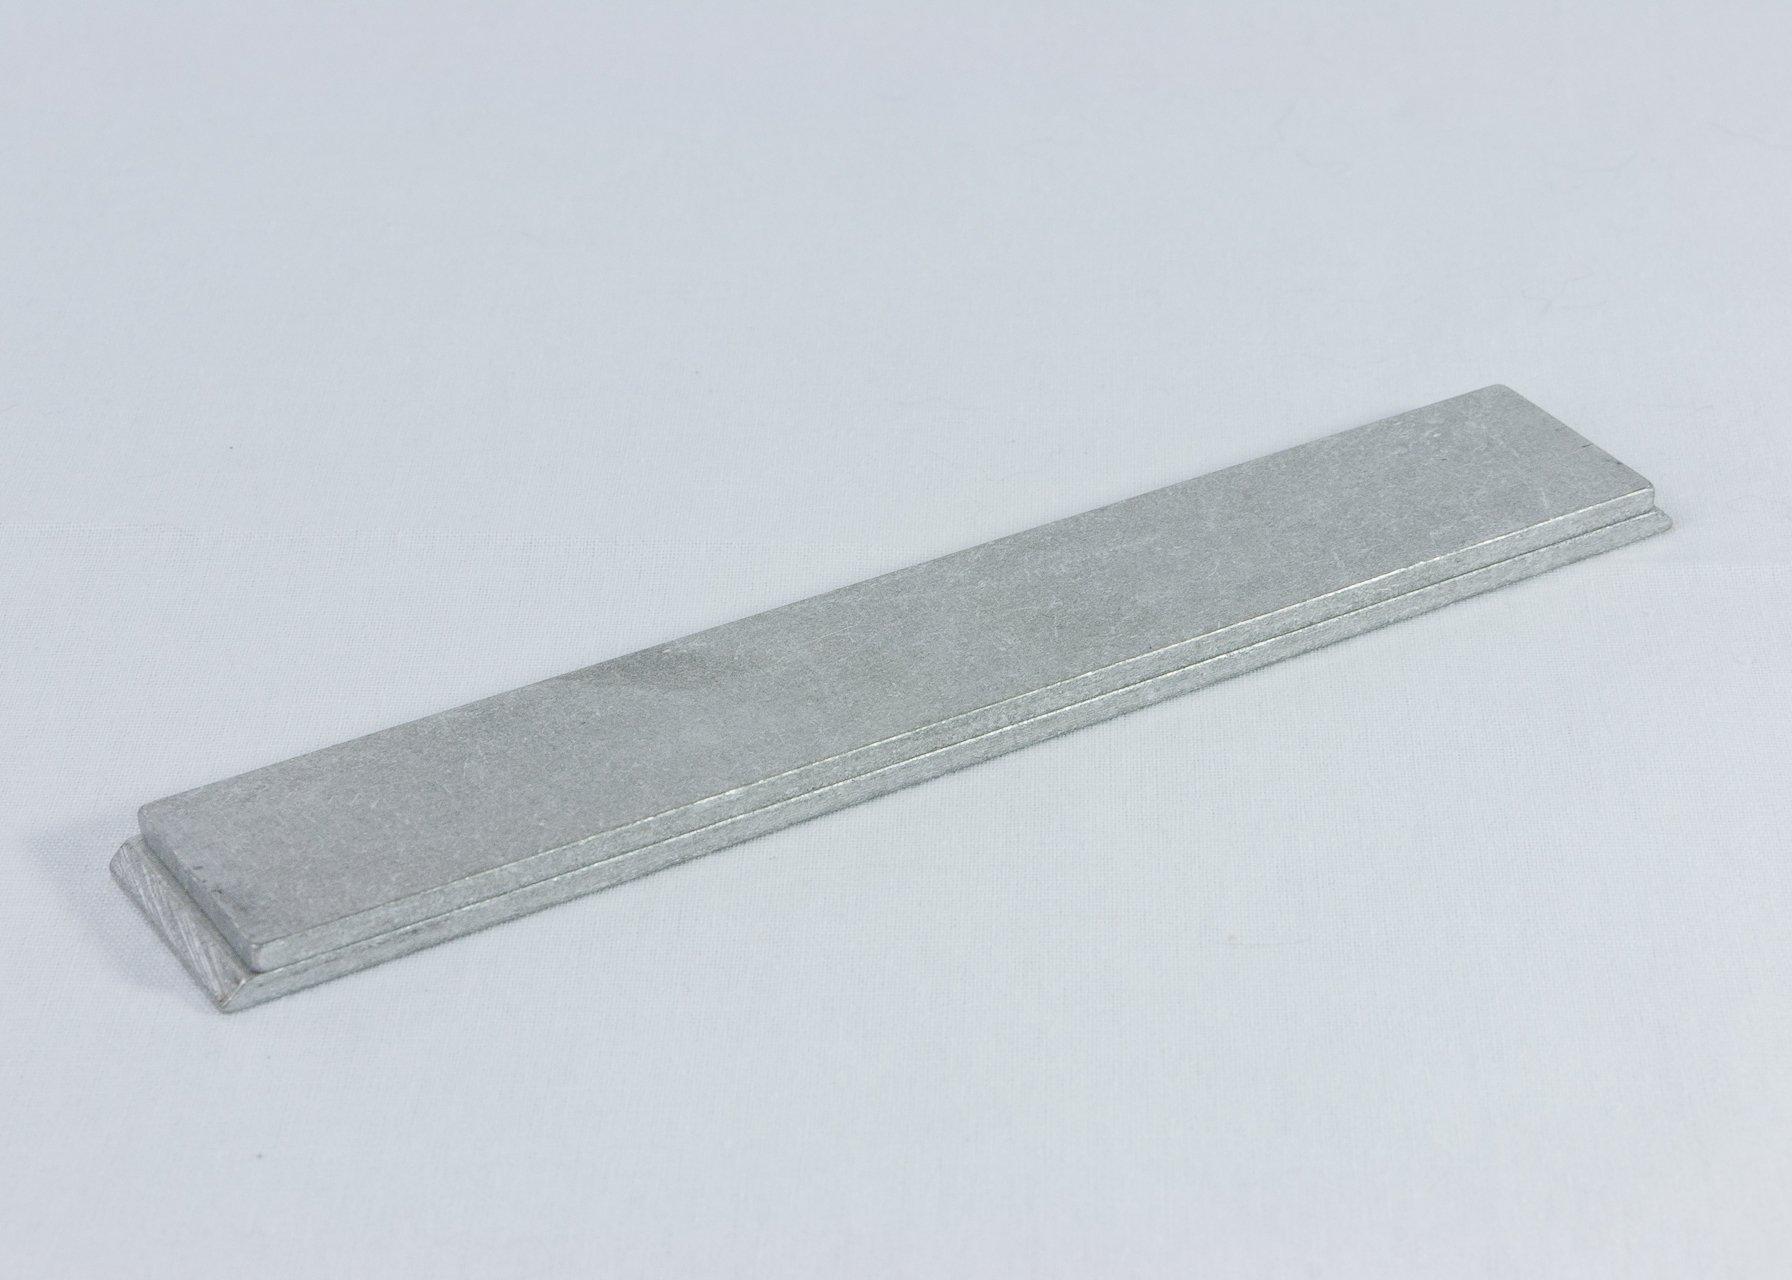 Edge Pro Aluminum Polish Tape Blank by Edge Pro (Image #1)